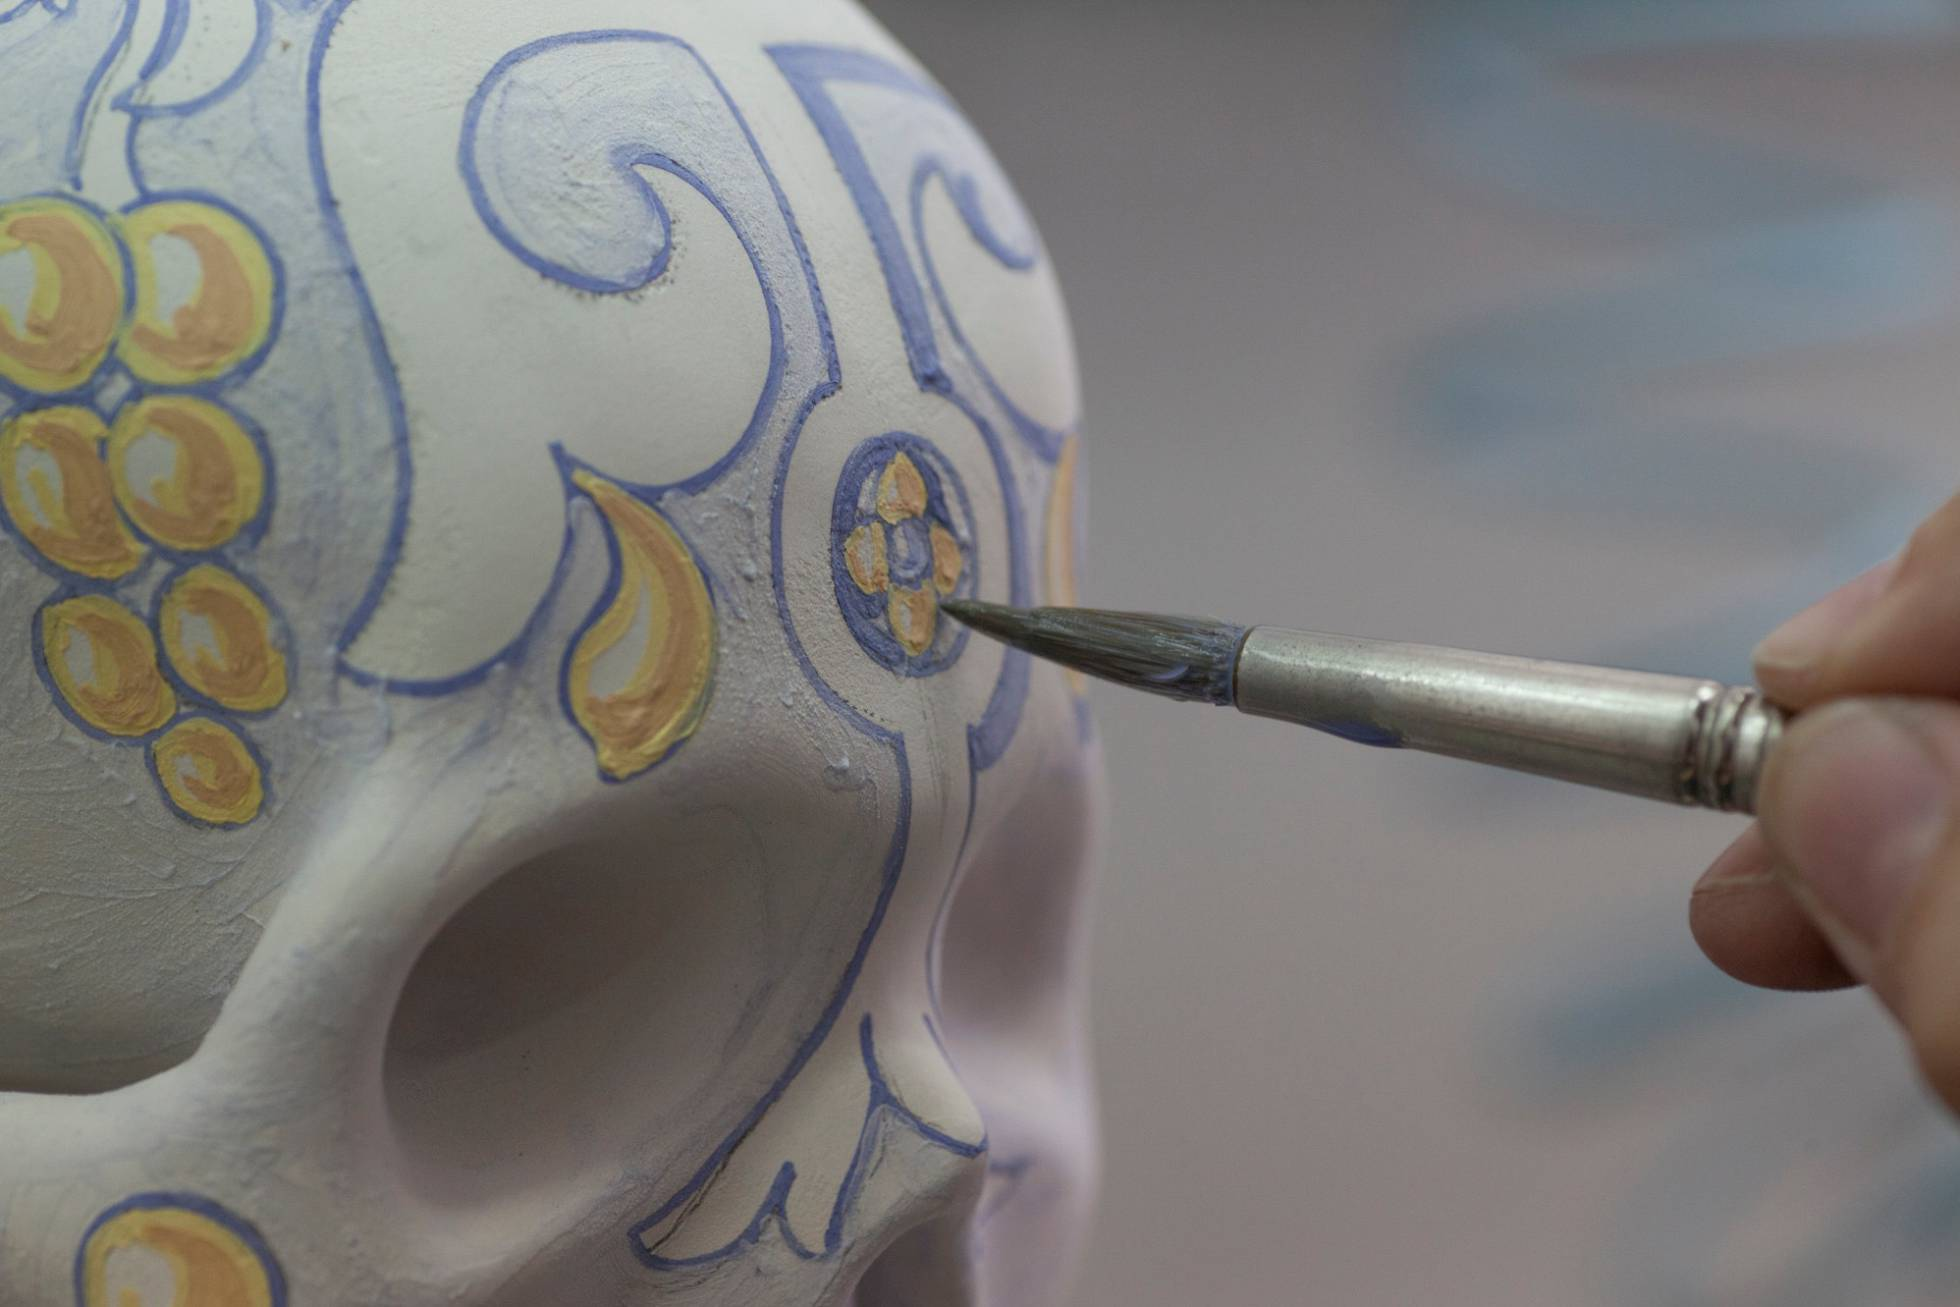 La cerámica de Talavera de la Reina y Puente del Arzobispo, Patrimonio Cultural Inmaterial de la Humanidad